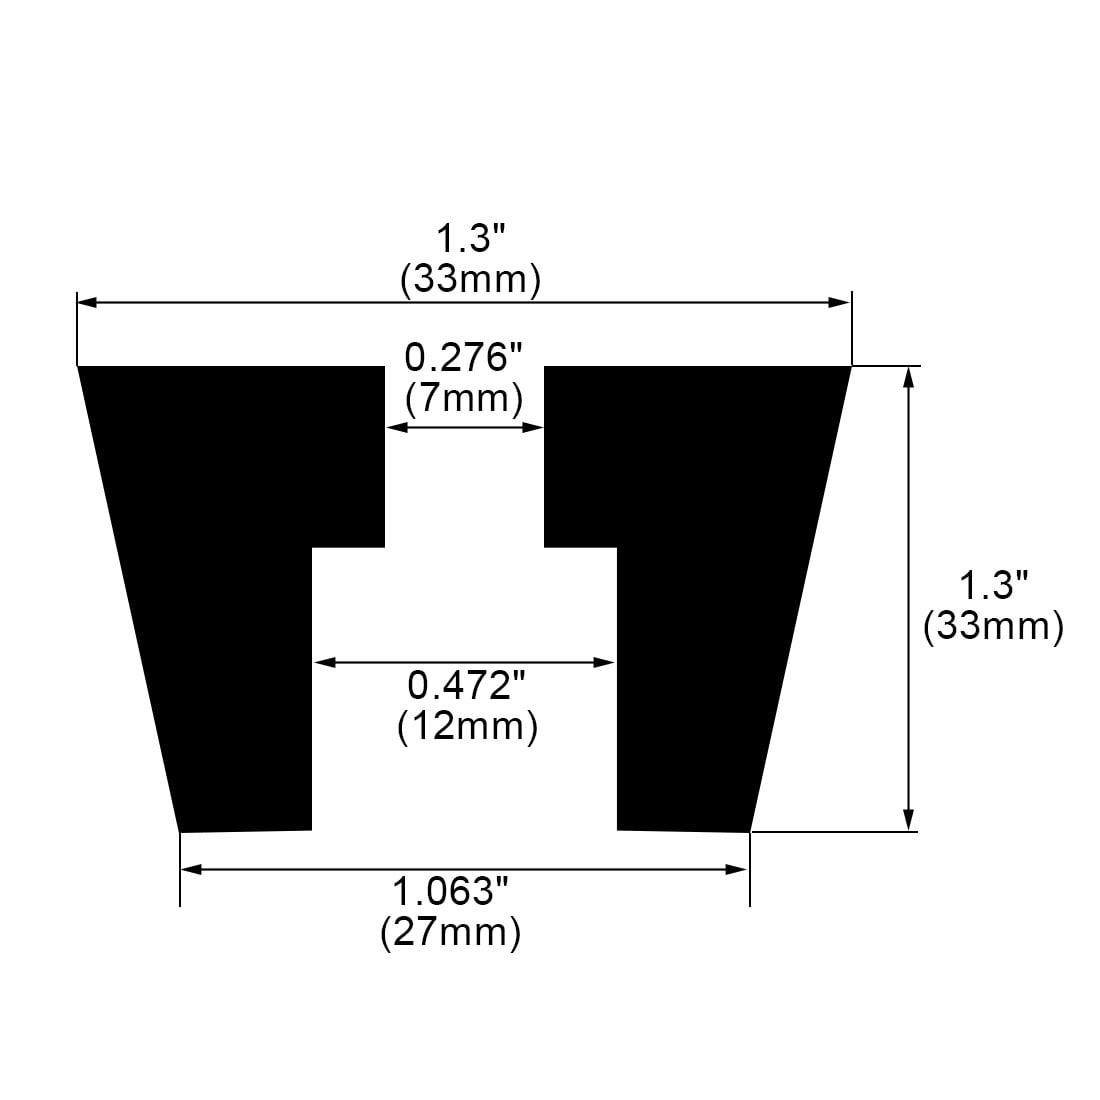 6pcs Rubber Feet Bumper Furniture Table Speaker Cabinet Leg Pads, D33x27xH33mm - image 1 de 7